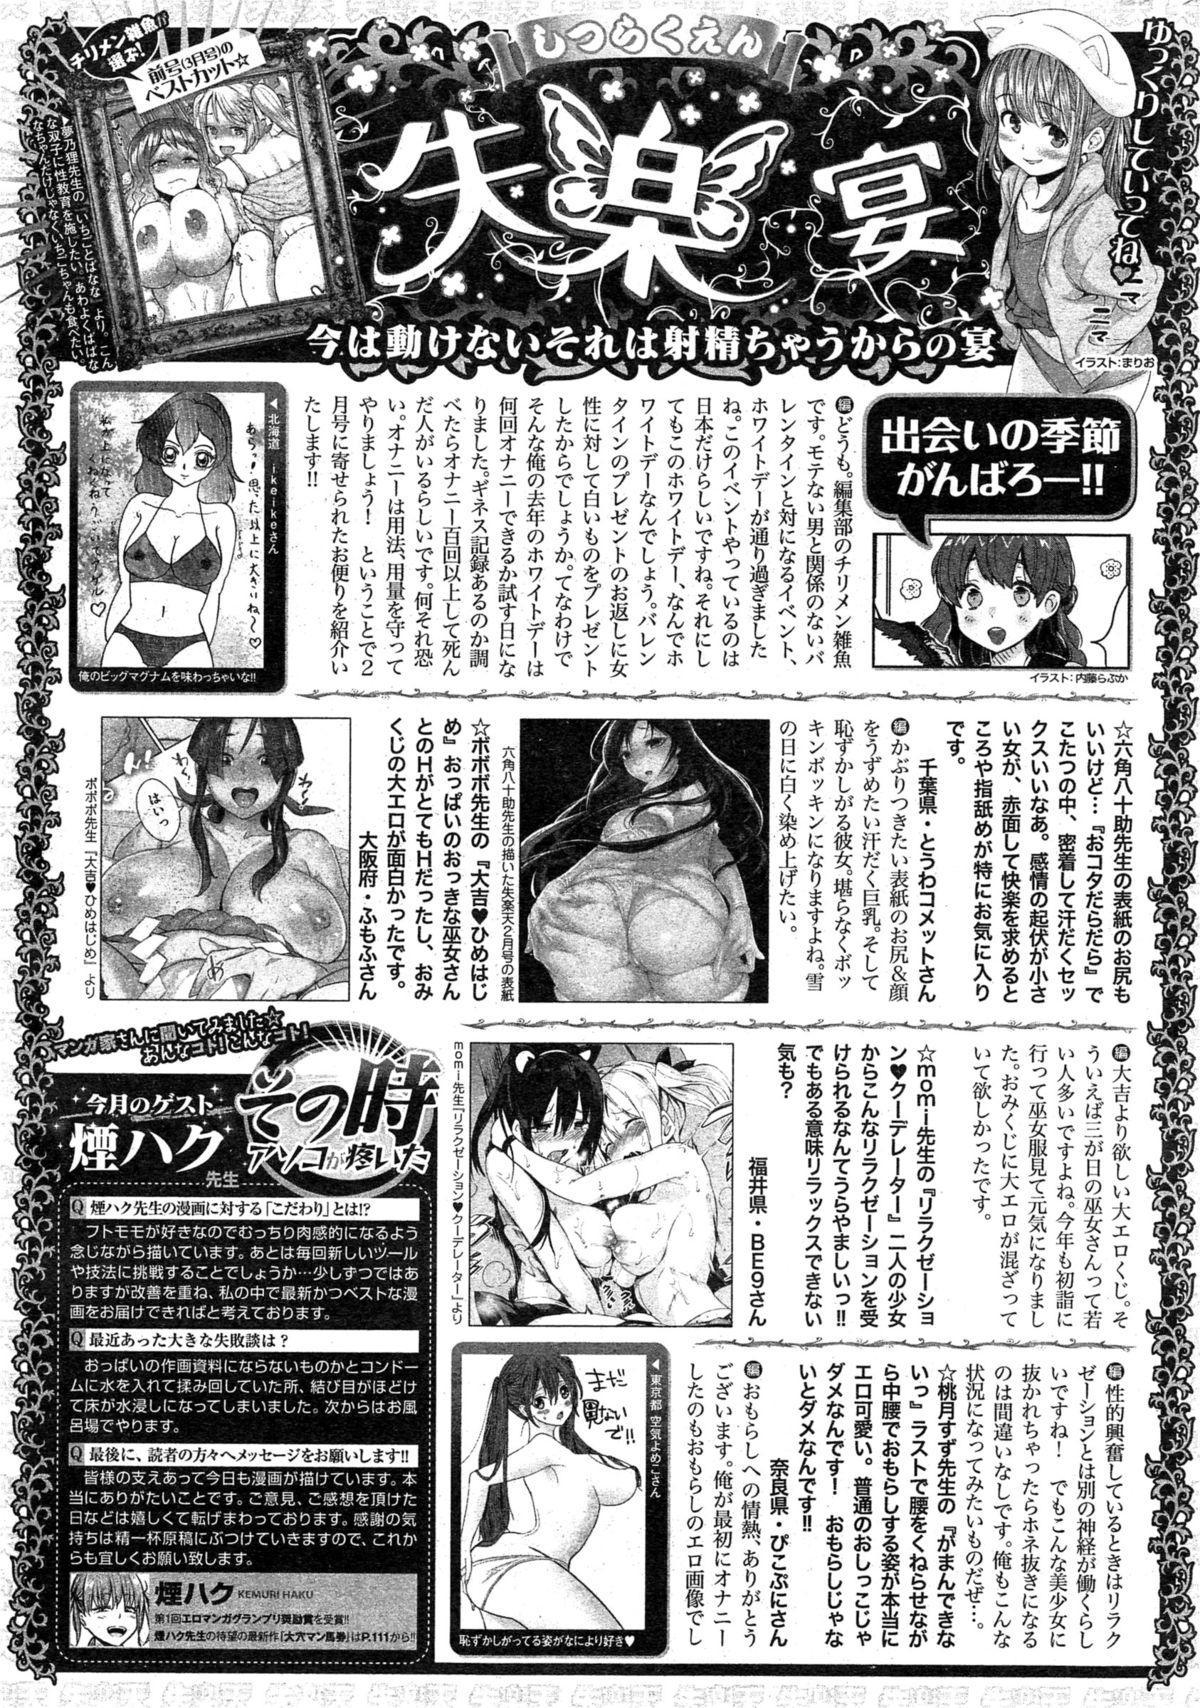 COMIC Shitsurakuten 2015-04 295